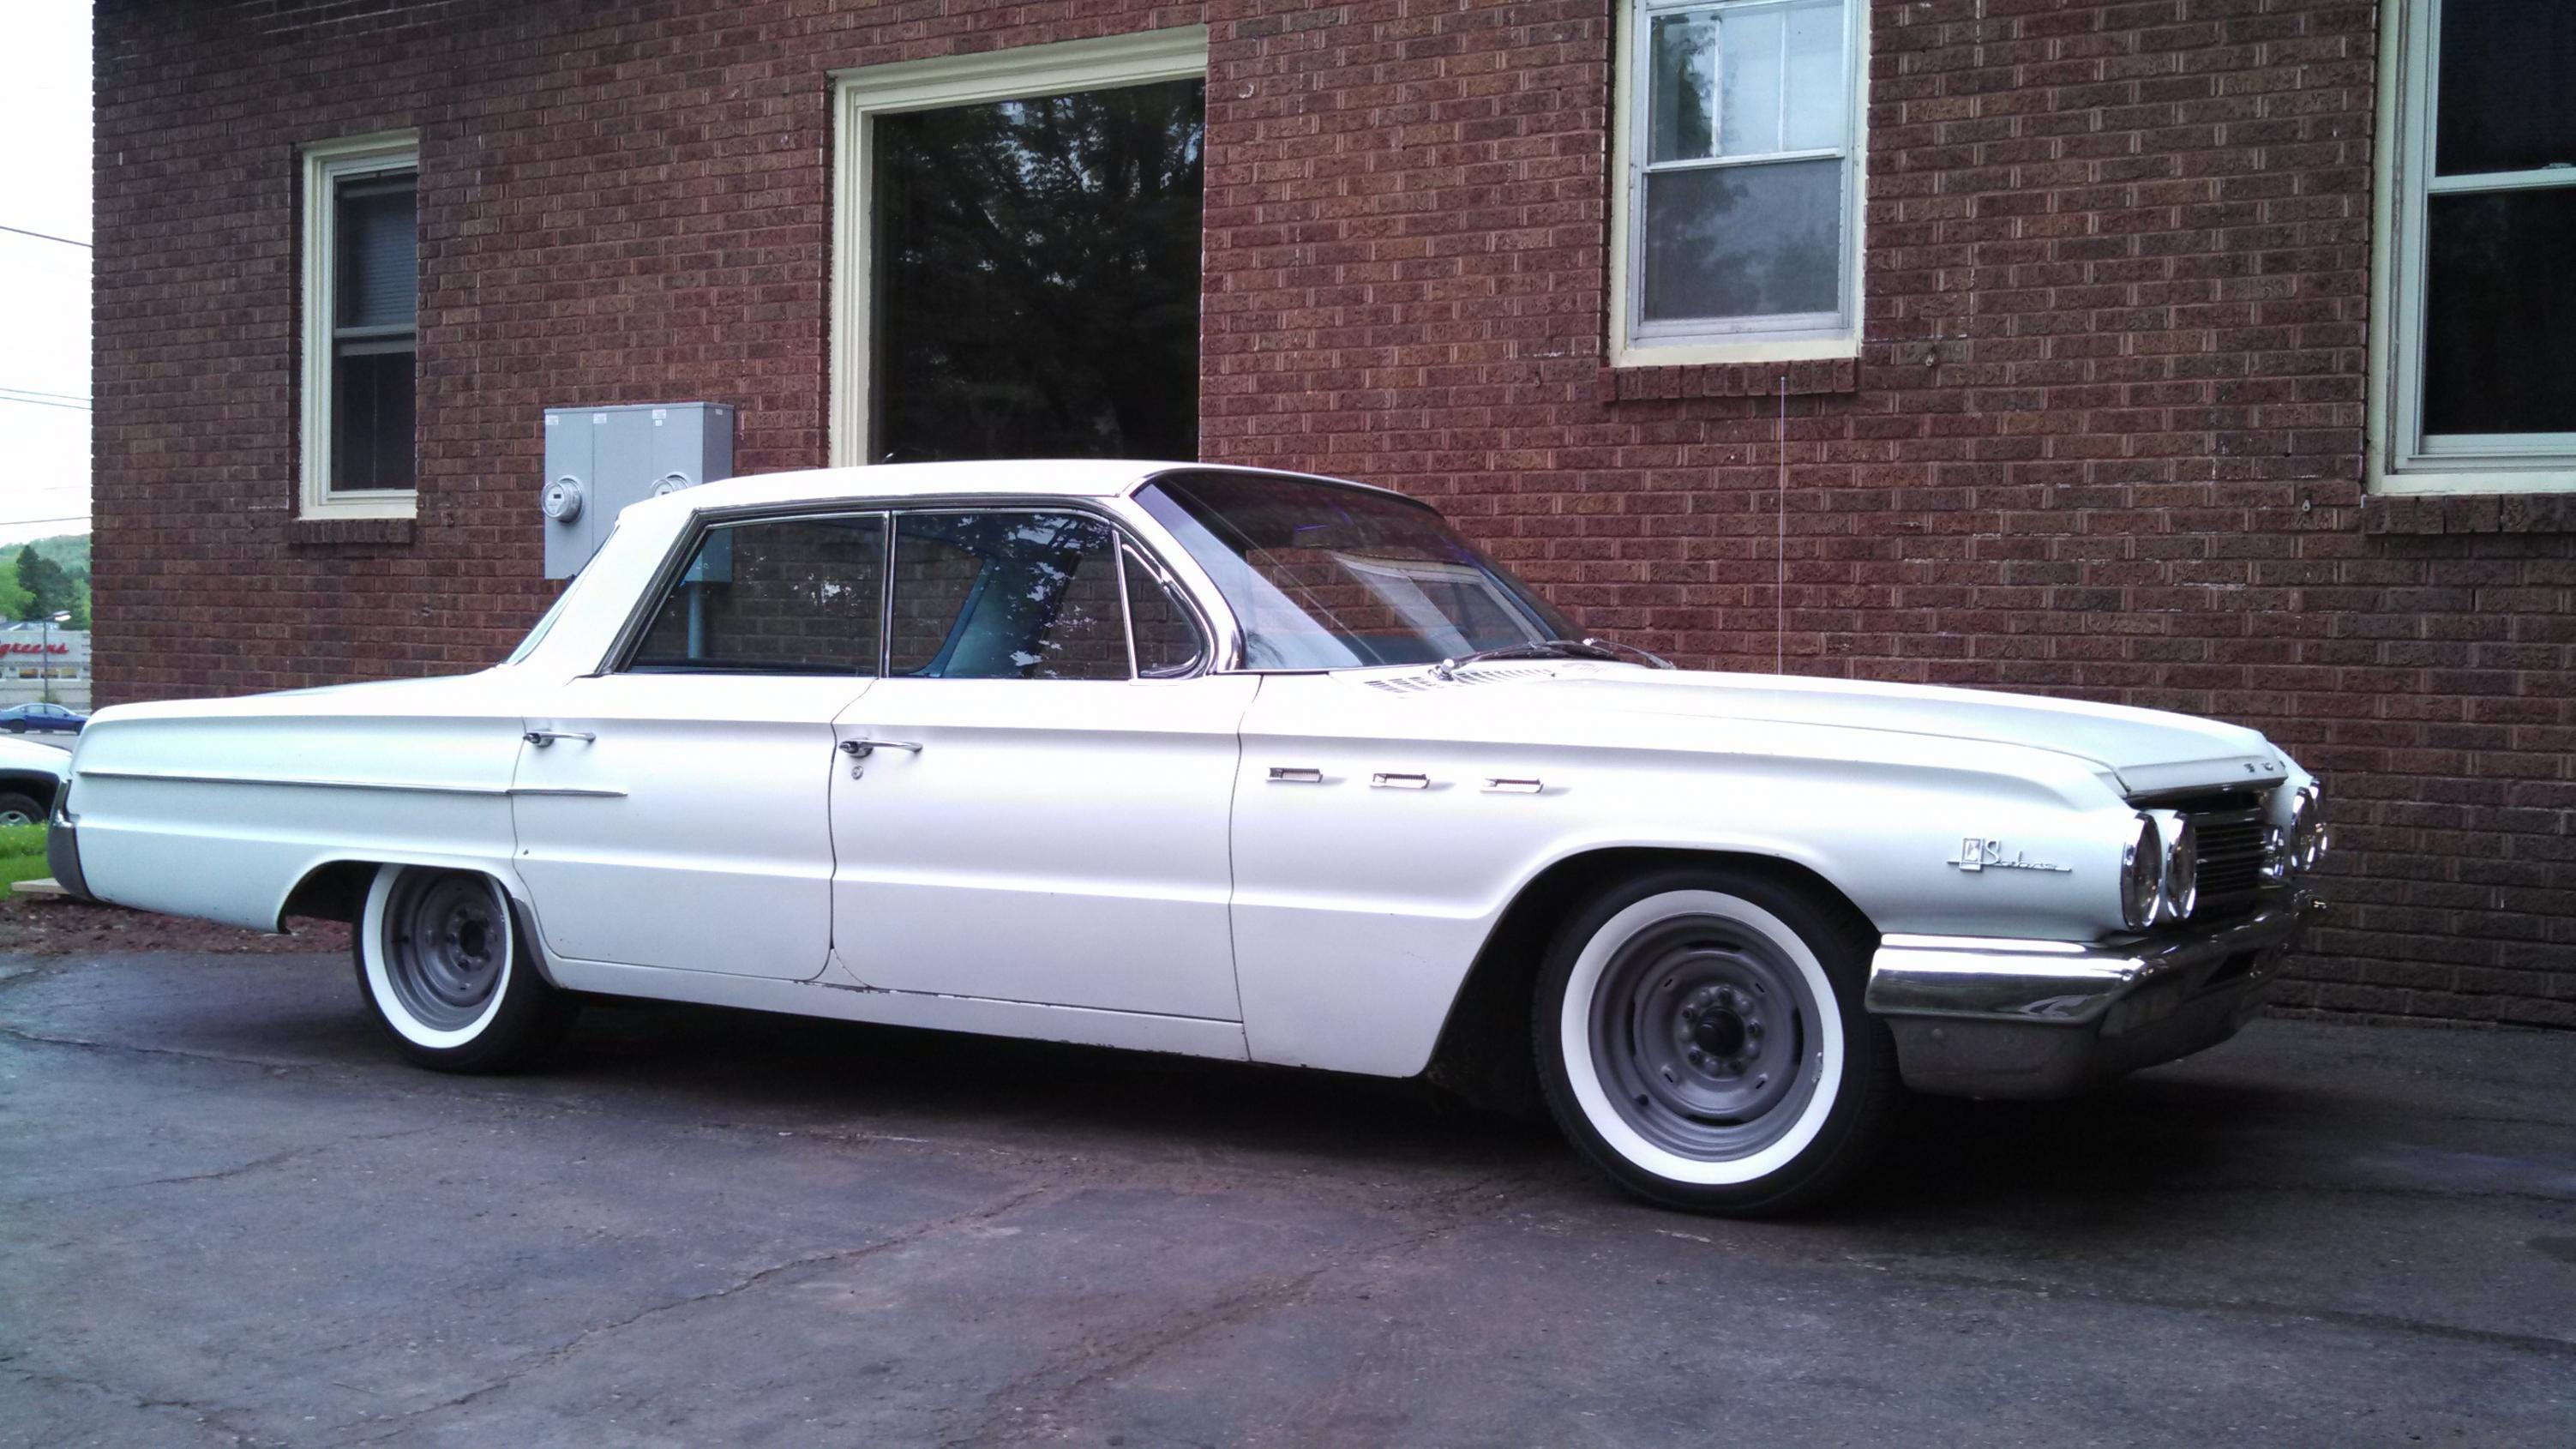 1962 buick lesabre 401 nailhead classic g wallpaper. Black Bedroom Furniture Sets. Home Design Ideas